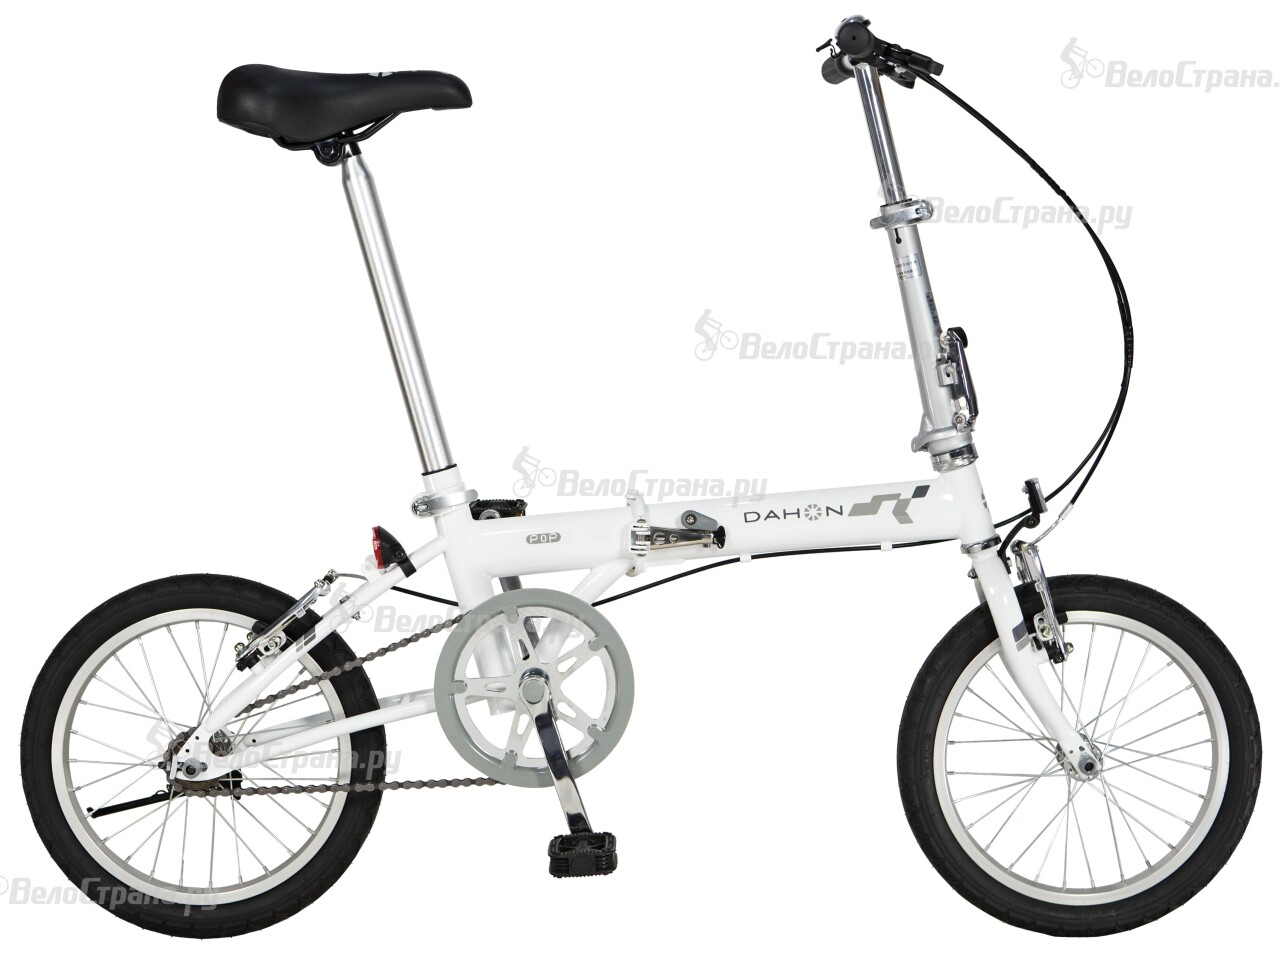 Велосипед Dahon POP Uno (2015) велосипед dahon speed d7 2014